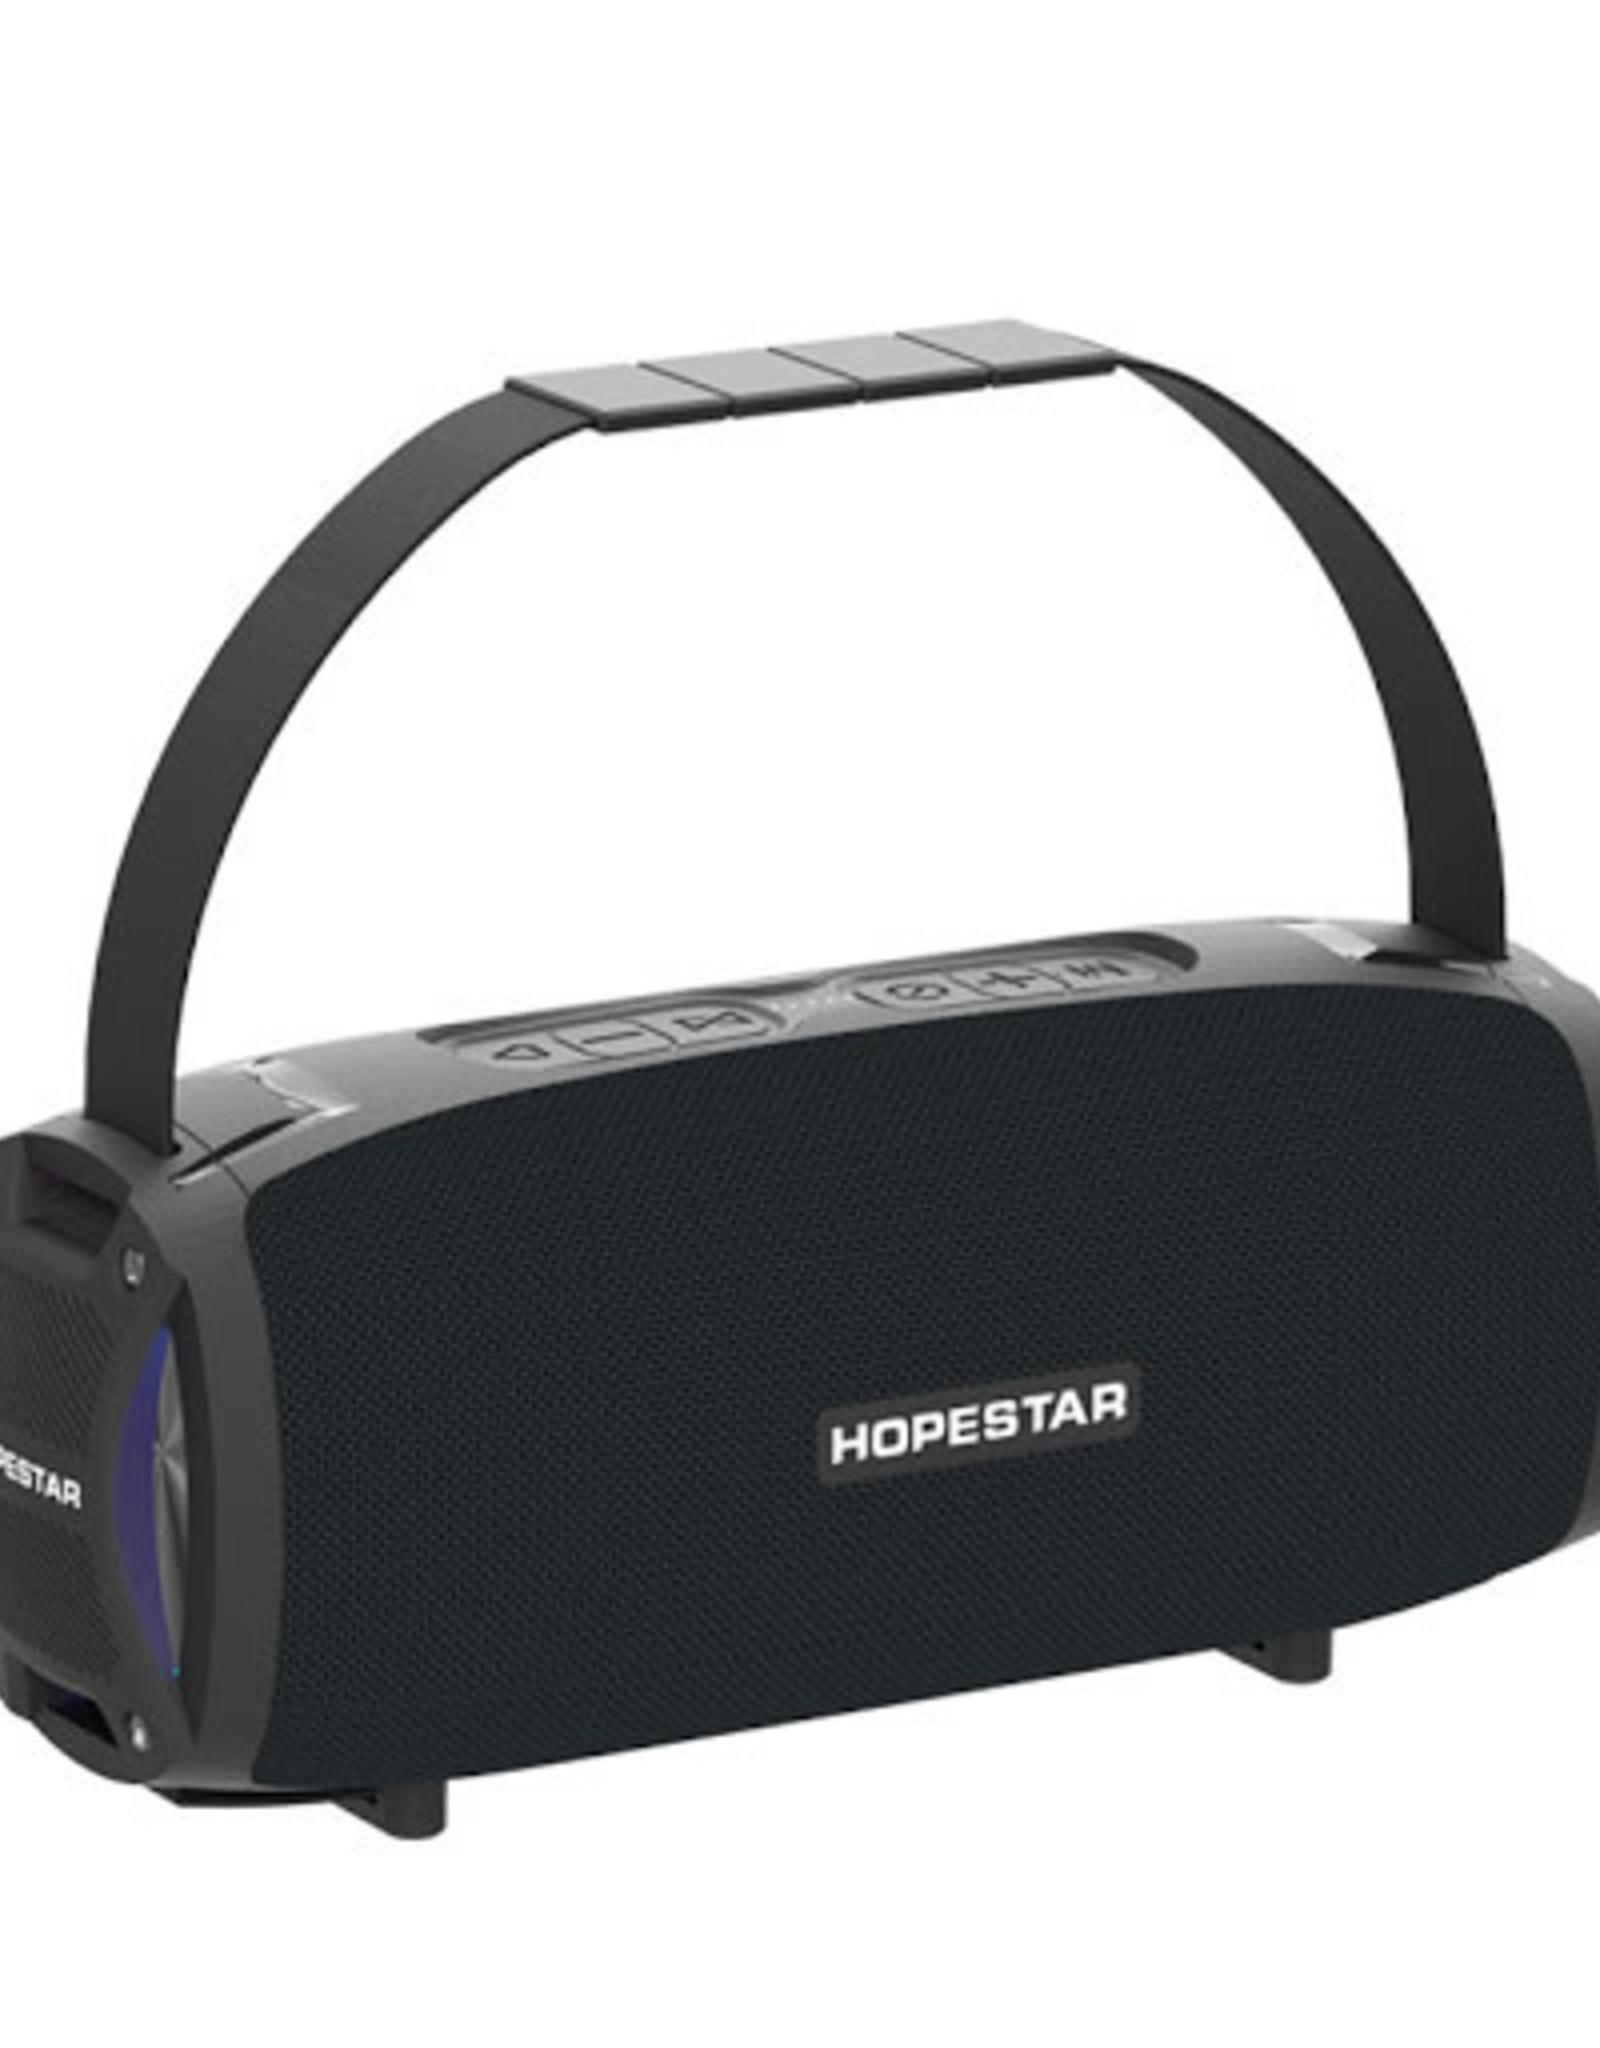 HopeStar HOPESTAR H24 Pro Speaker